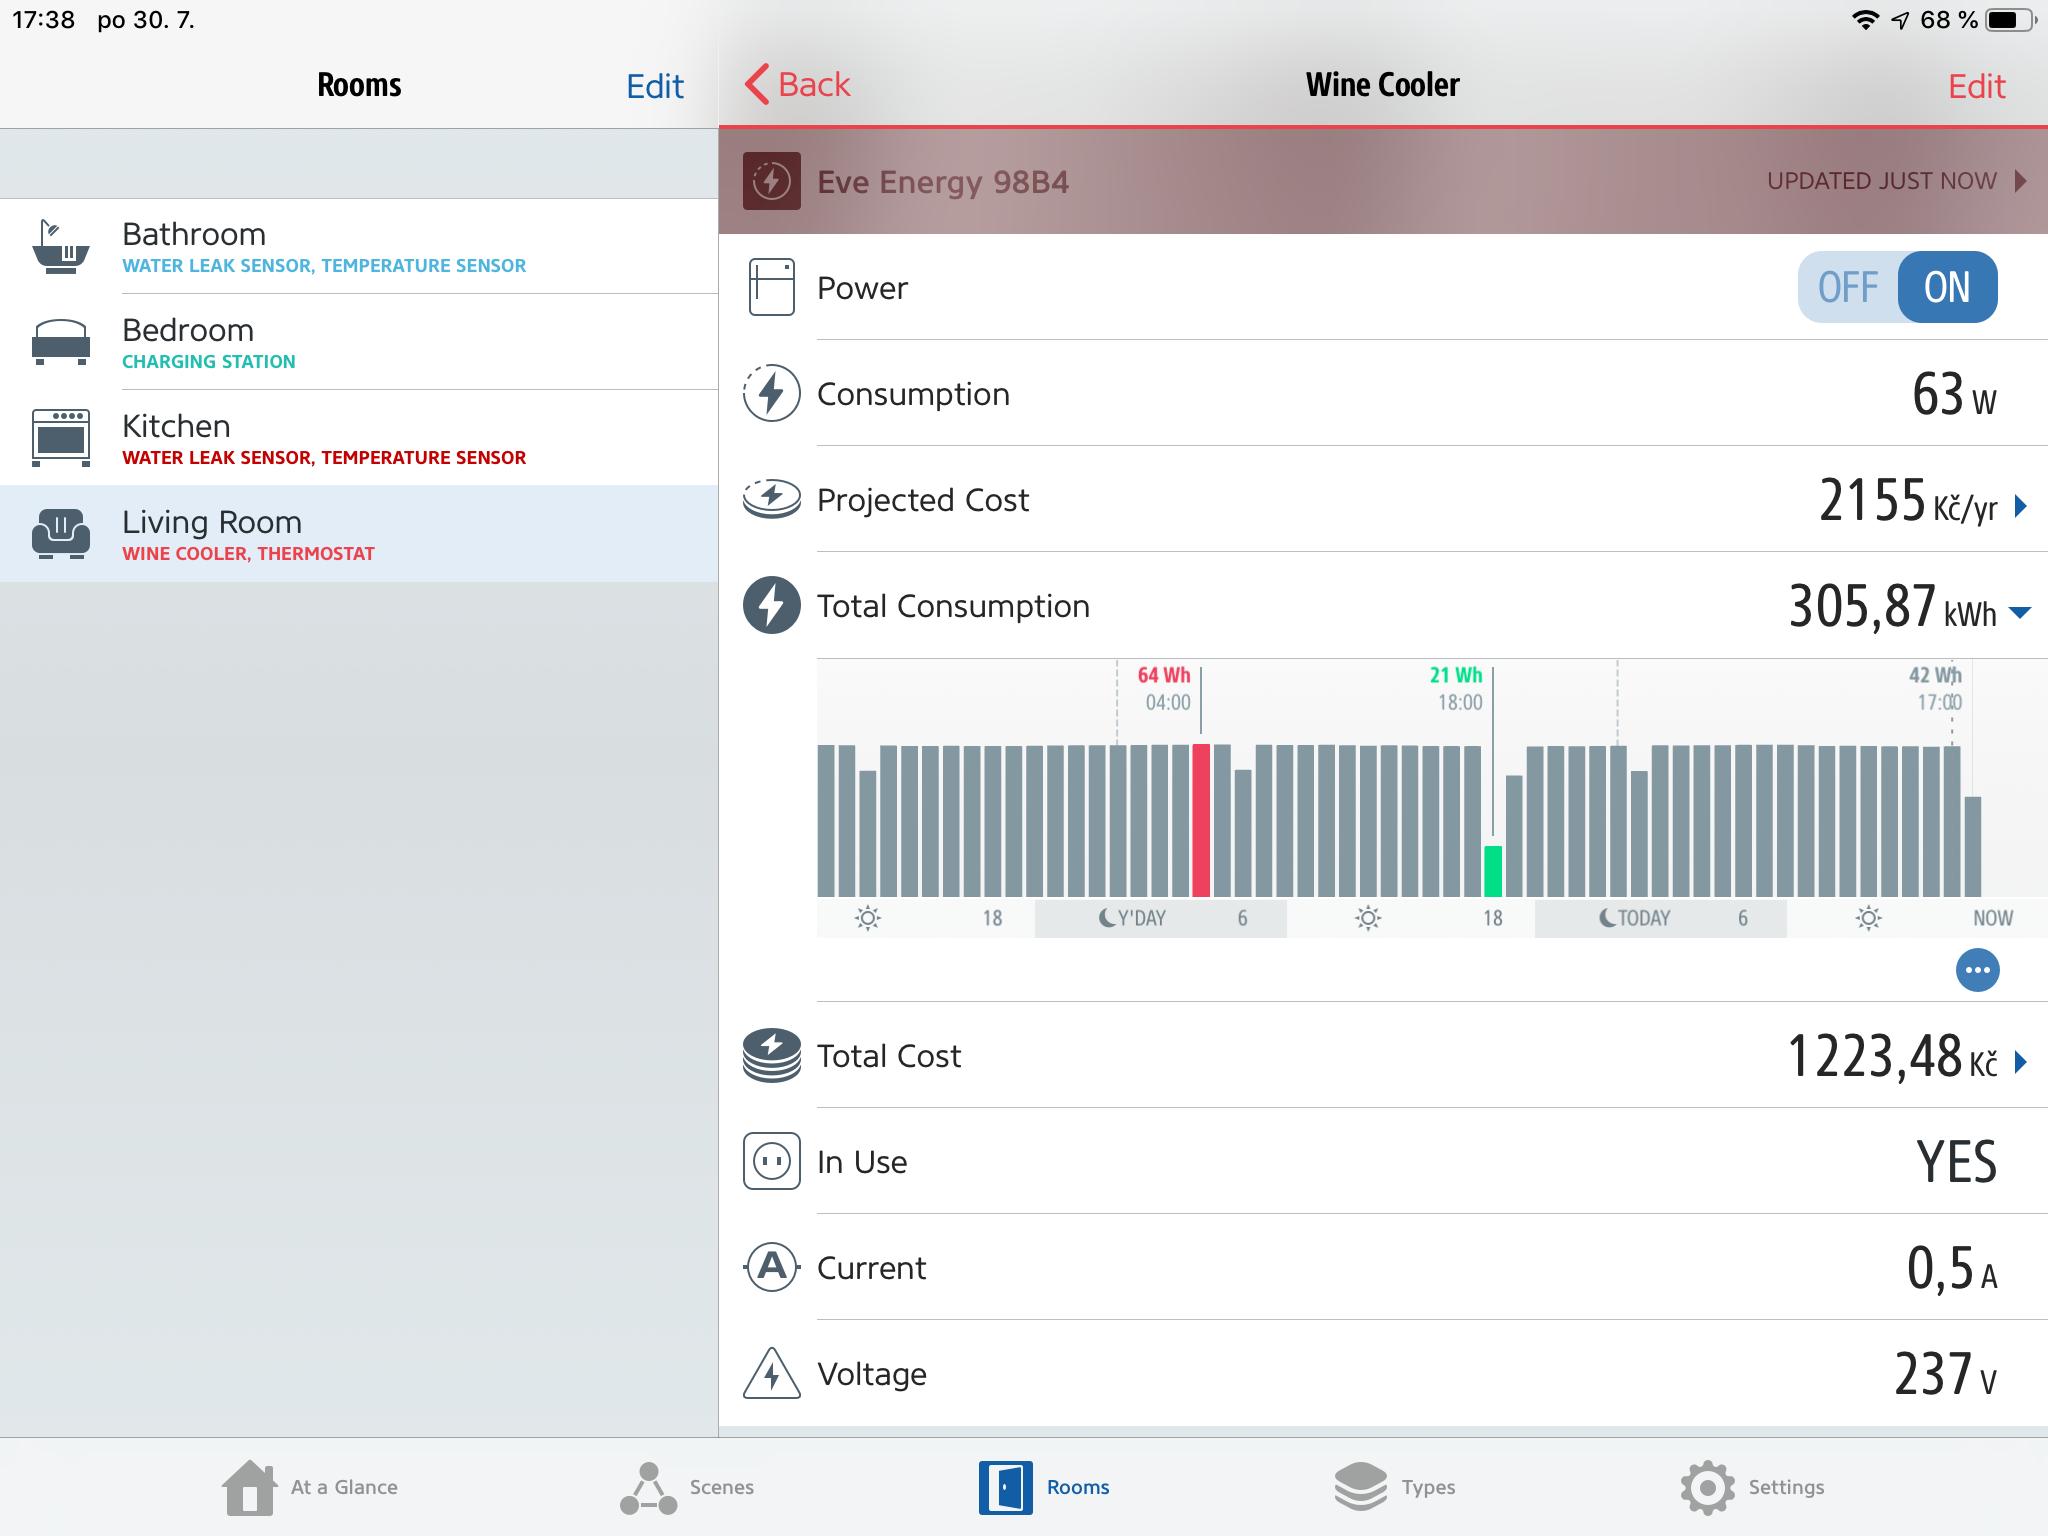 Obrazovka aplikace Elgato Eve s daty ze zásuvky Eve Energy zobrazující možnosti zařízení